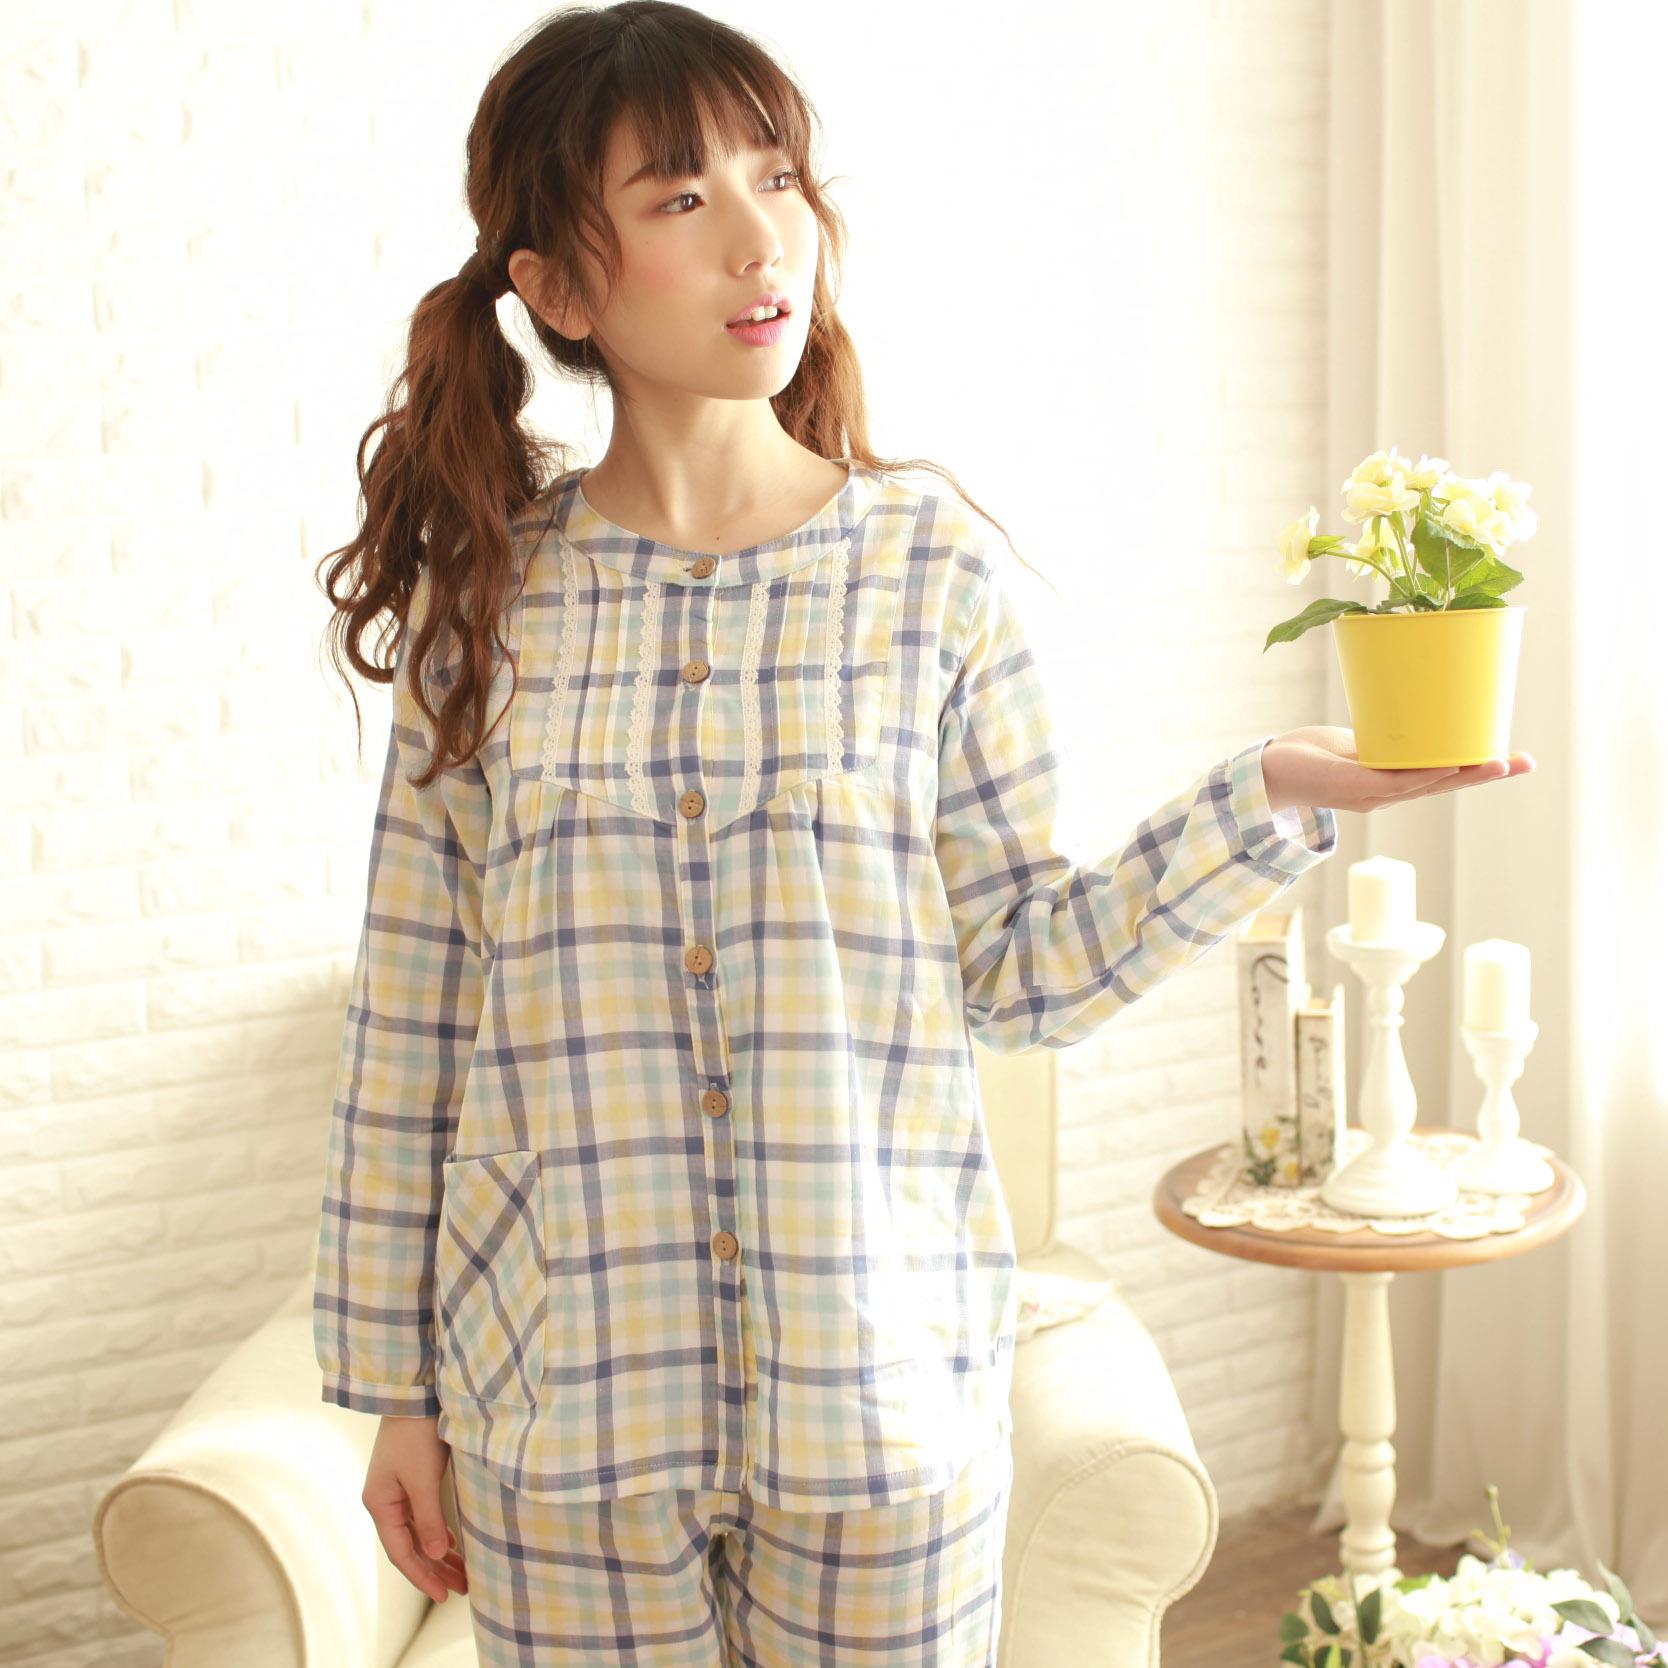 睡衣女春秋纯棉纱布长袖套装薄款全棉格子家居服夏季韩版甜美可爱